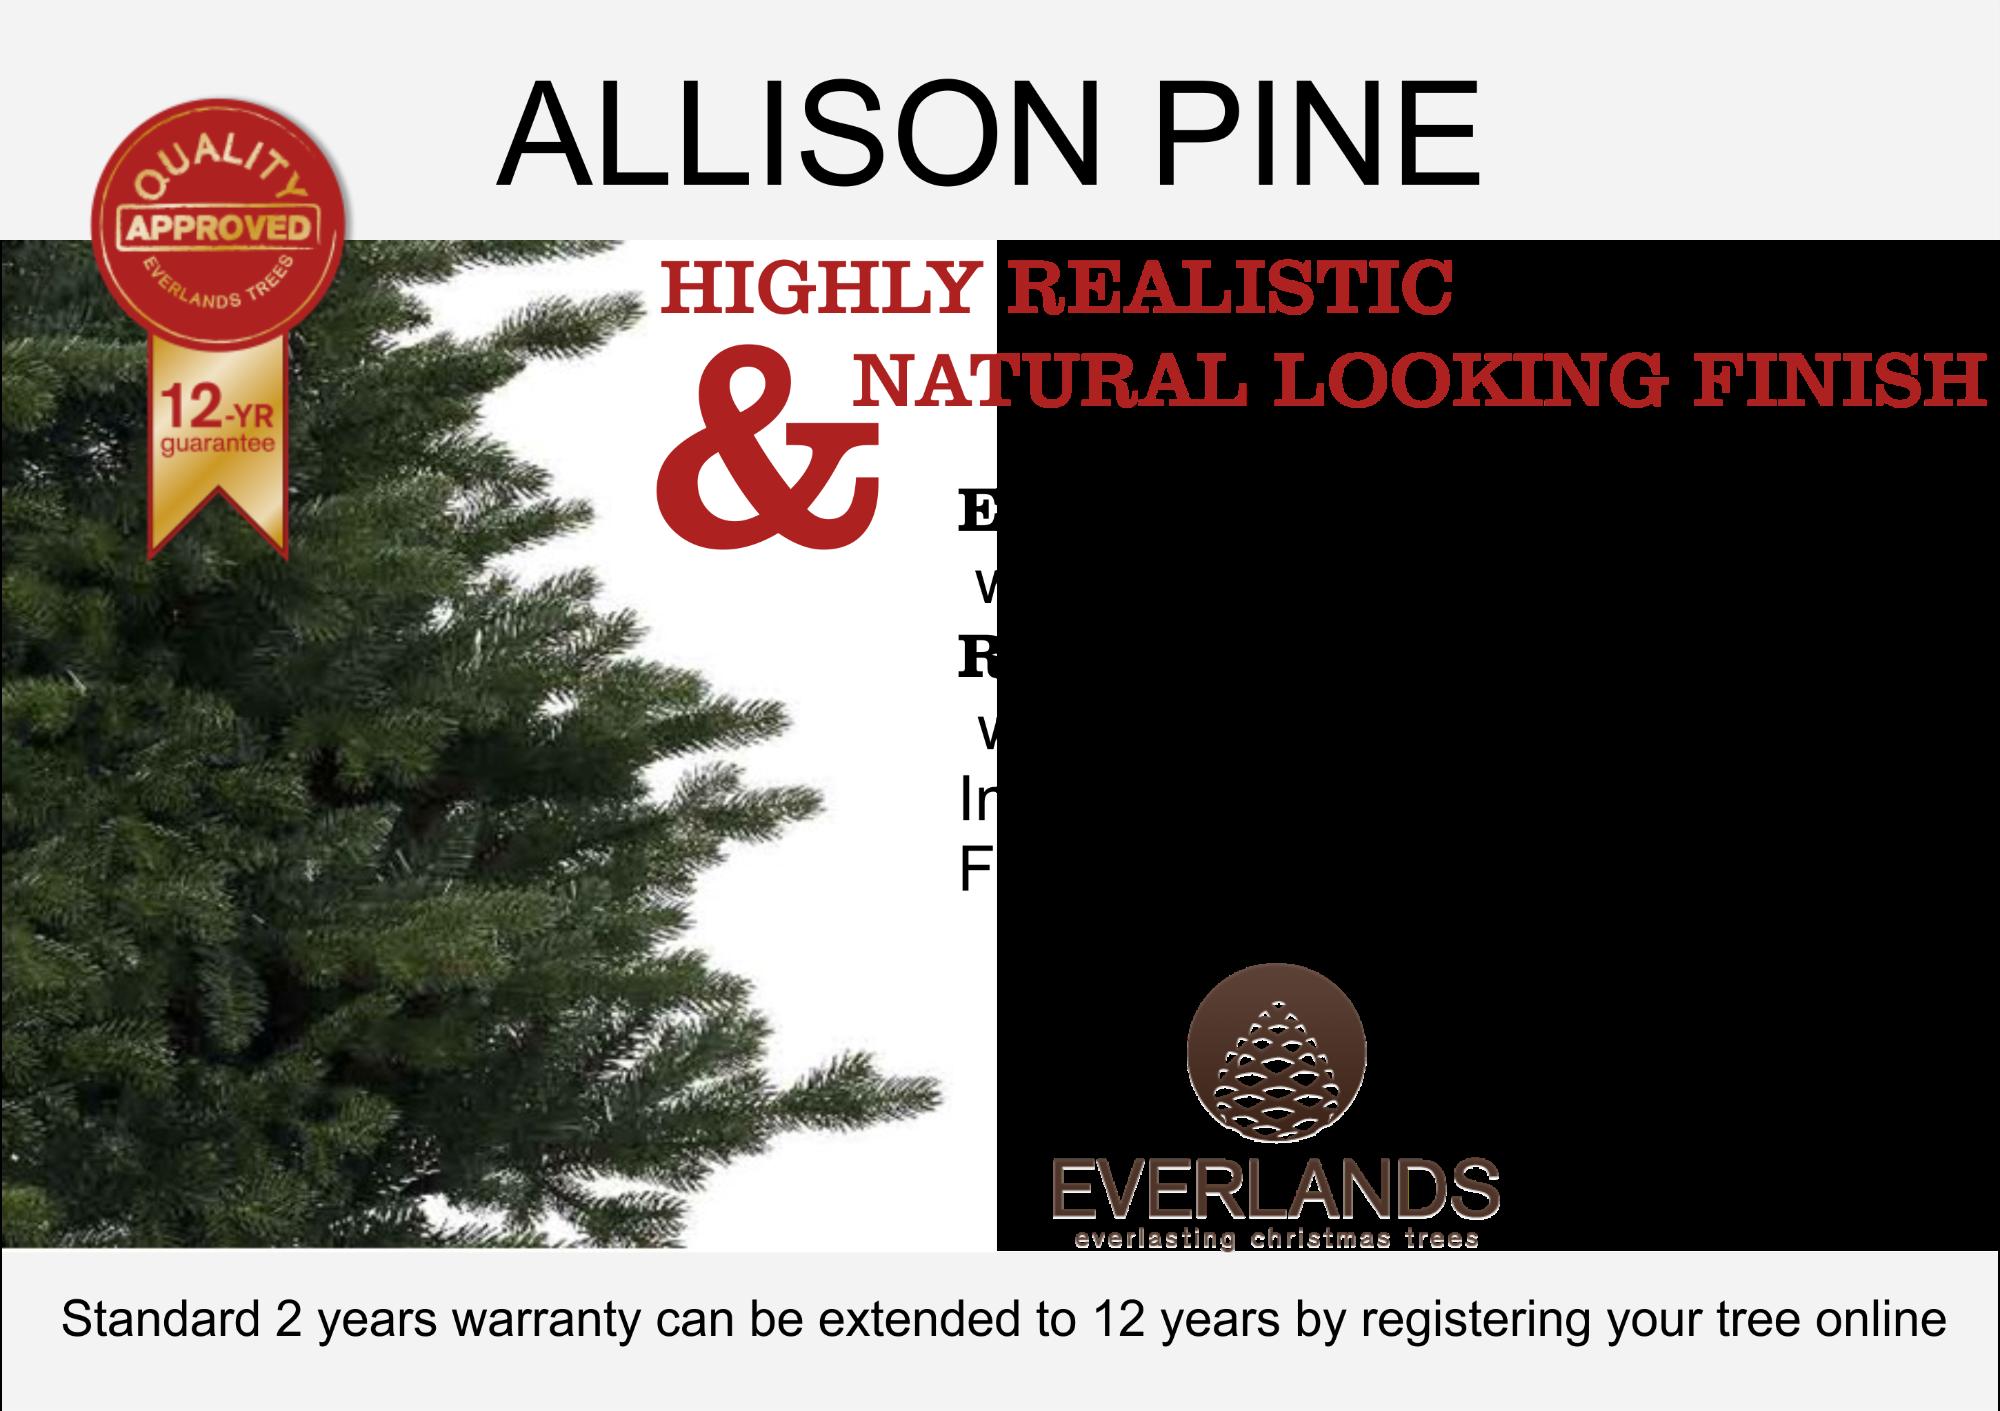 ALLISON_PINE_DISCRIPTION.png